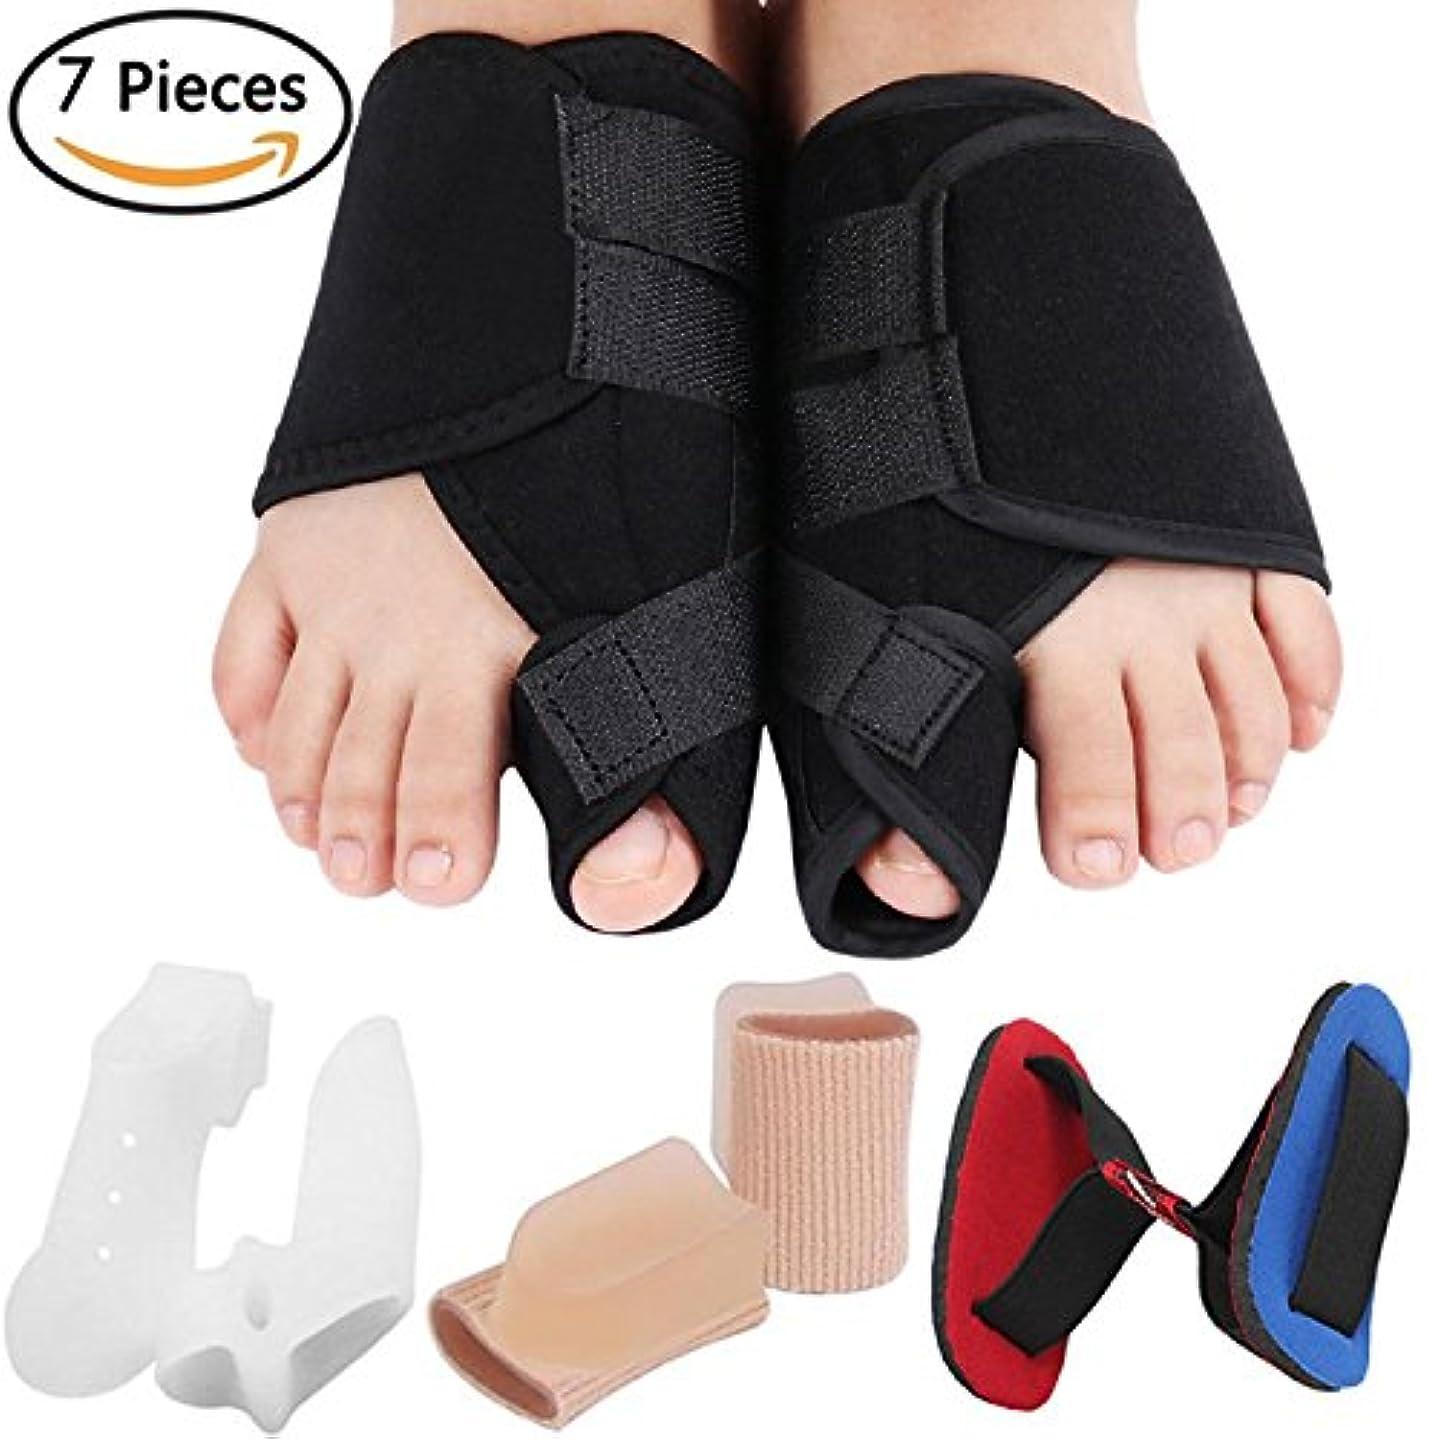 チョーク興奮するメモBunion Corrector Bunion Relief Kit, Bunion Splint Toe Straightener Corrector for Hallux Valgus, Big Toe Joint,...